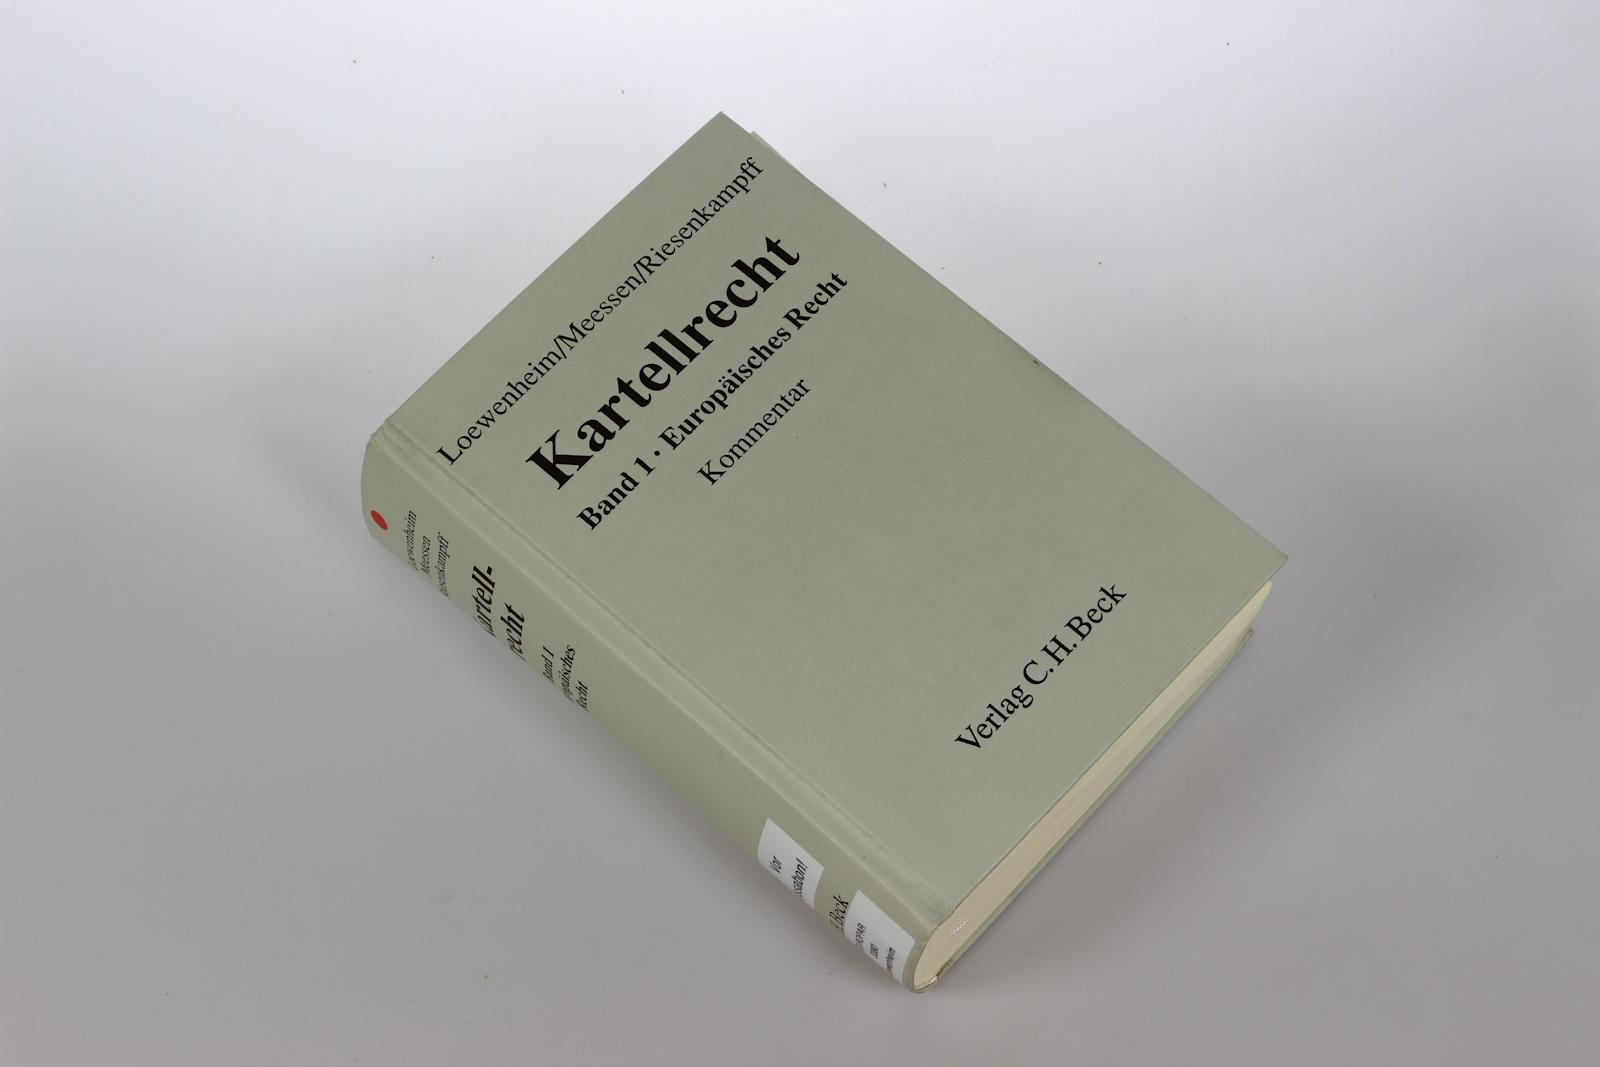 Kartellrecht. Band 1: Europäisches Recht. Kommentar. (Inklusive: Loewenheim, Ulrich, Karl